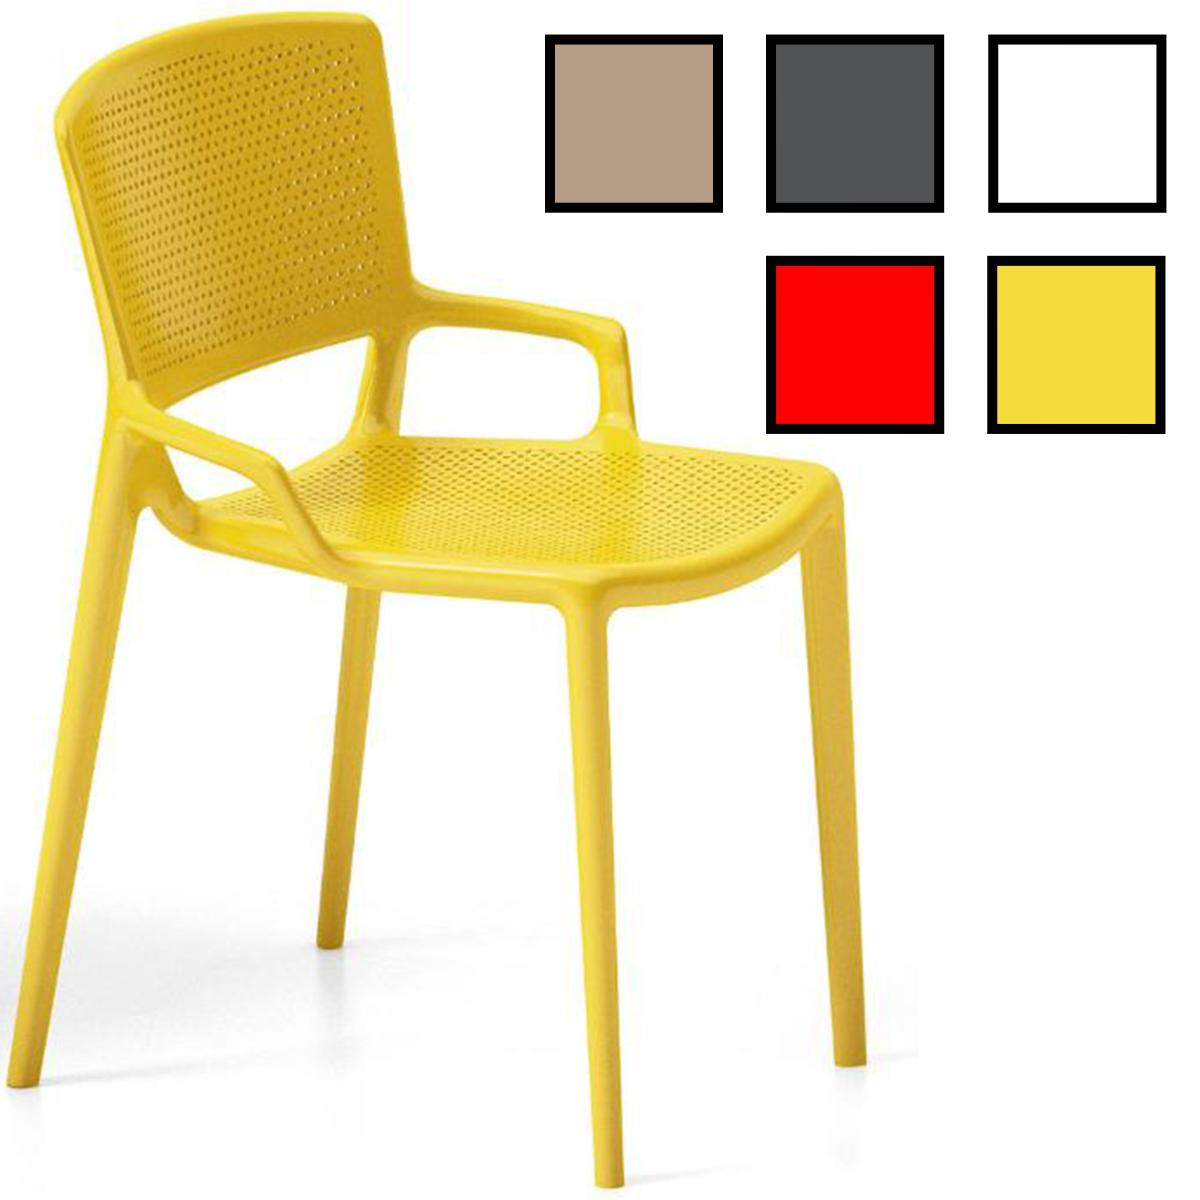 gimpo chaise de reunion design sans accoudoirs jaune